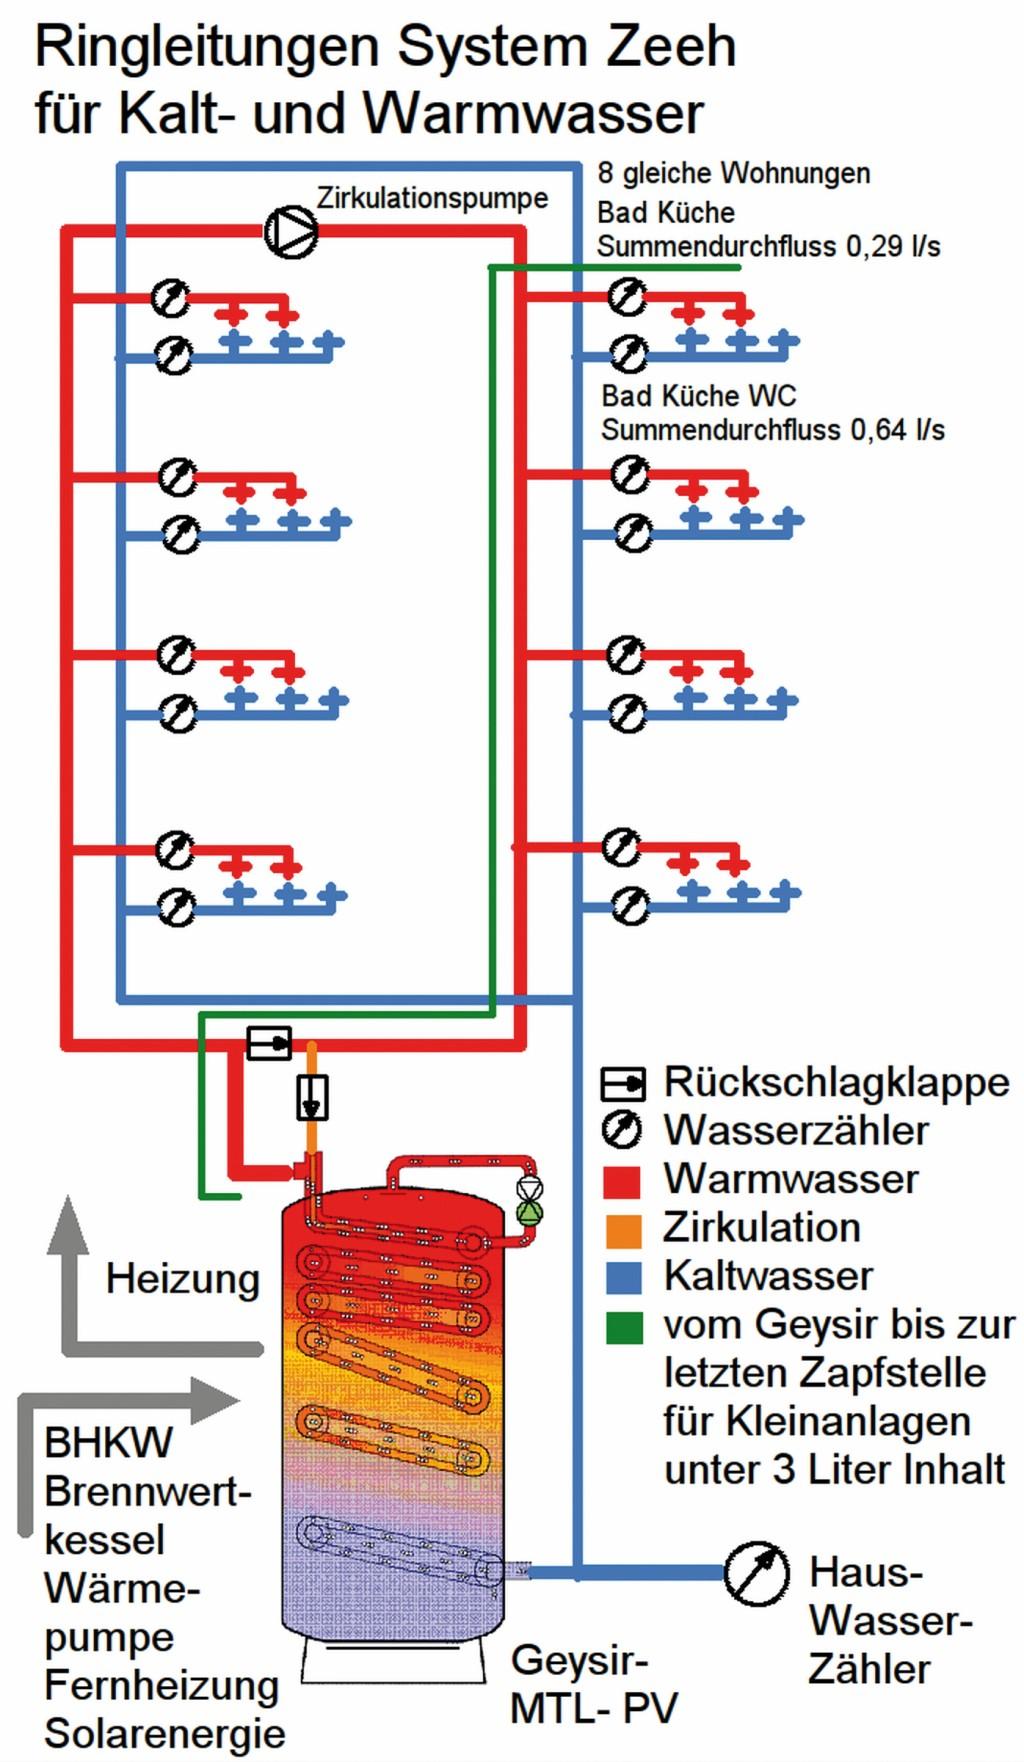 Multifunktionsspeicher mit Trinkwassererwärmung nach dem Durchflusssystem für Trinkwasserinstallationen mit Ringleitungen und Maschen [1]. Bild: Fa. Zeeh 5